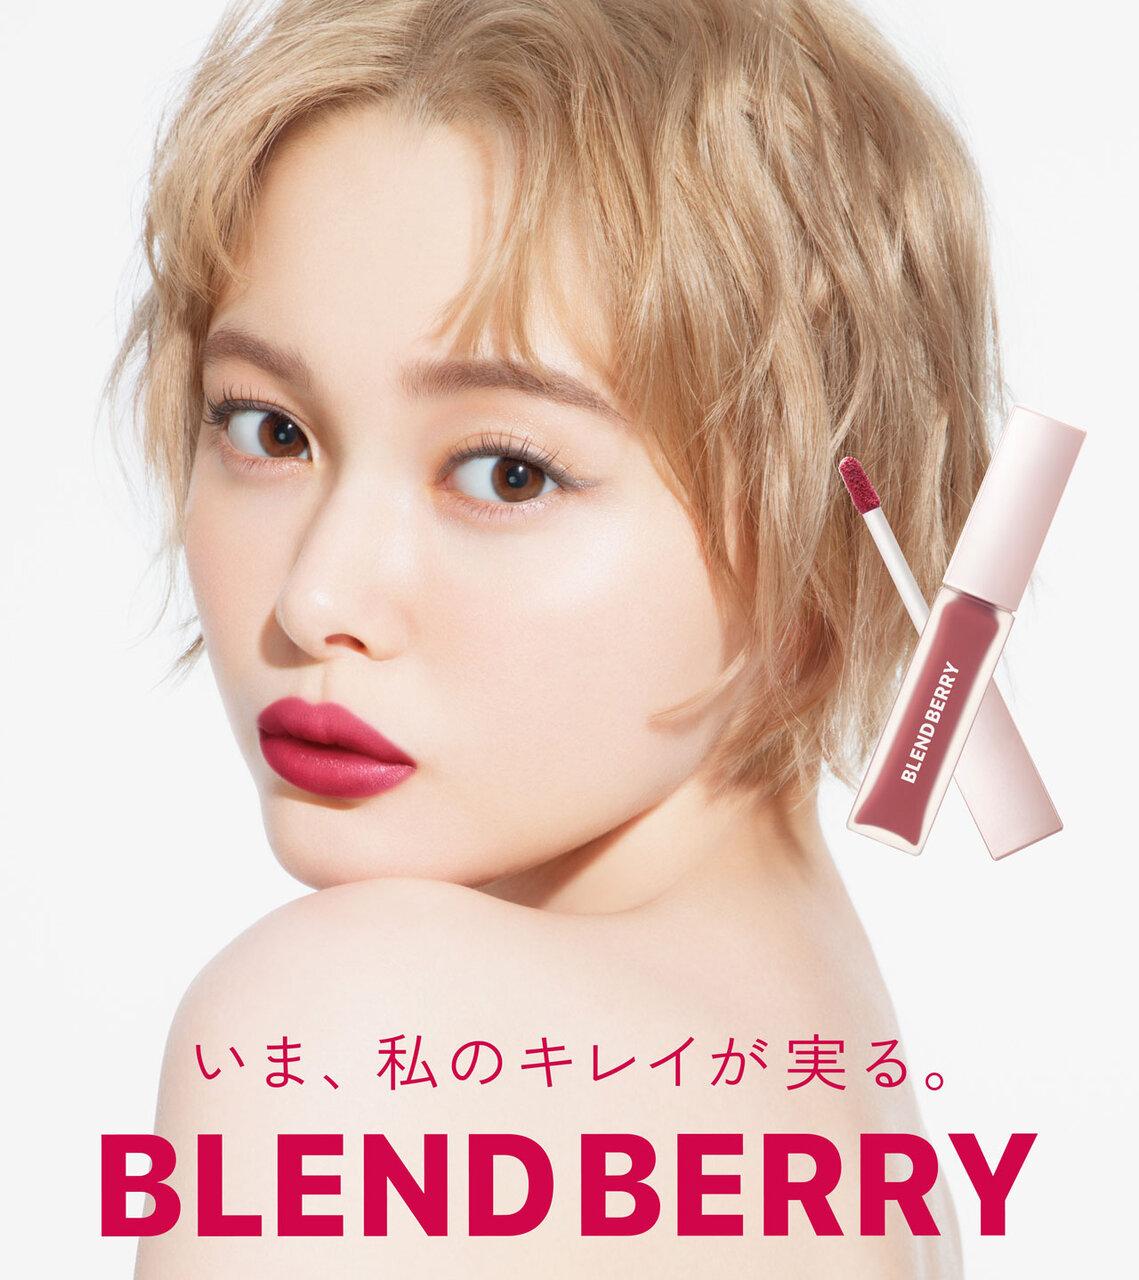 BLEND BERRY(ブレンドベリー)『ブレンドベリー ムースタッチ ティントリップ』